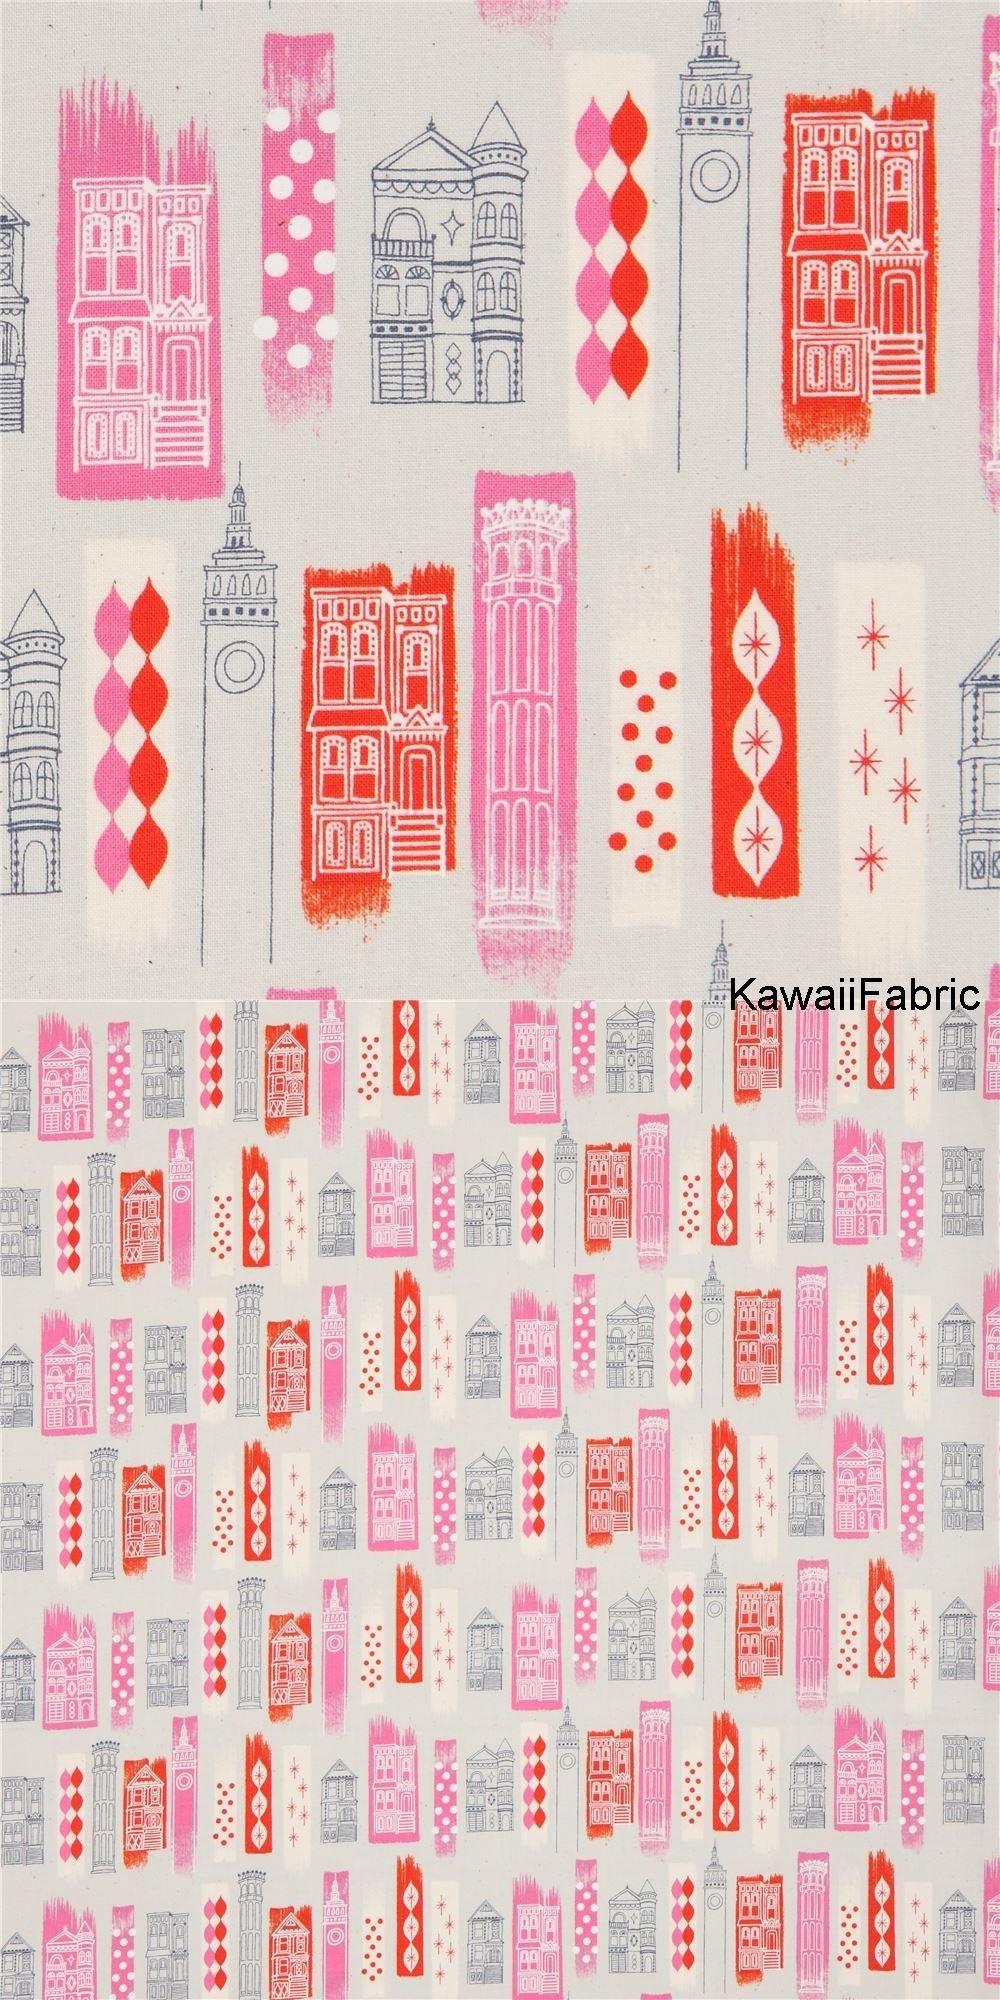 23282d06b5 Grauer Stoff mit Gebäuden und Mustern von Cotton + Steel - Kawaii Fabric  Shop